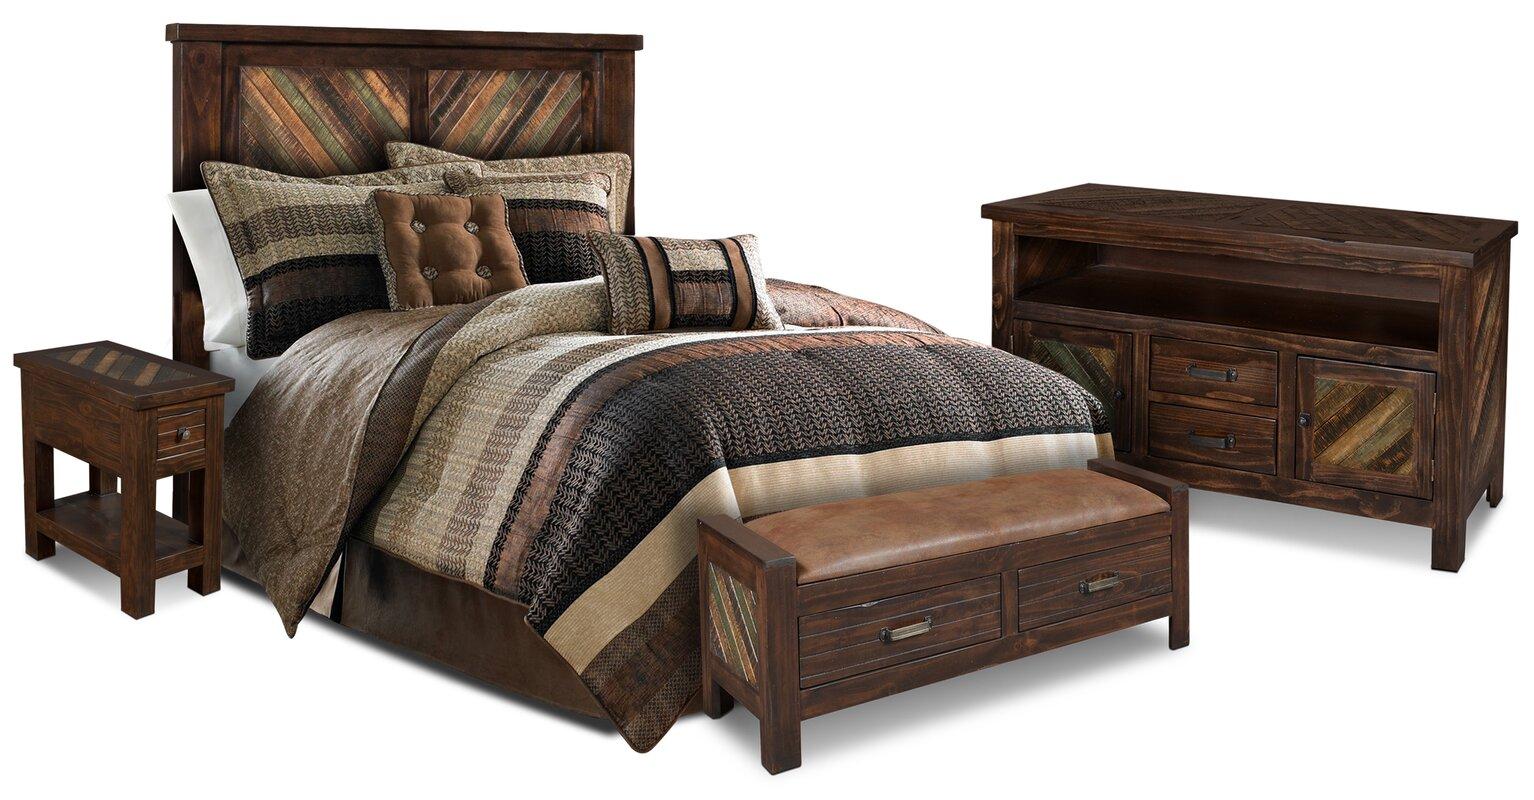 Loon Peak Culbertson Panel Bedroom Set & Reviews | Wayfair